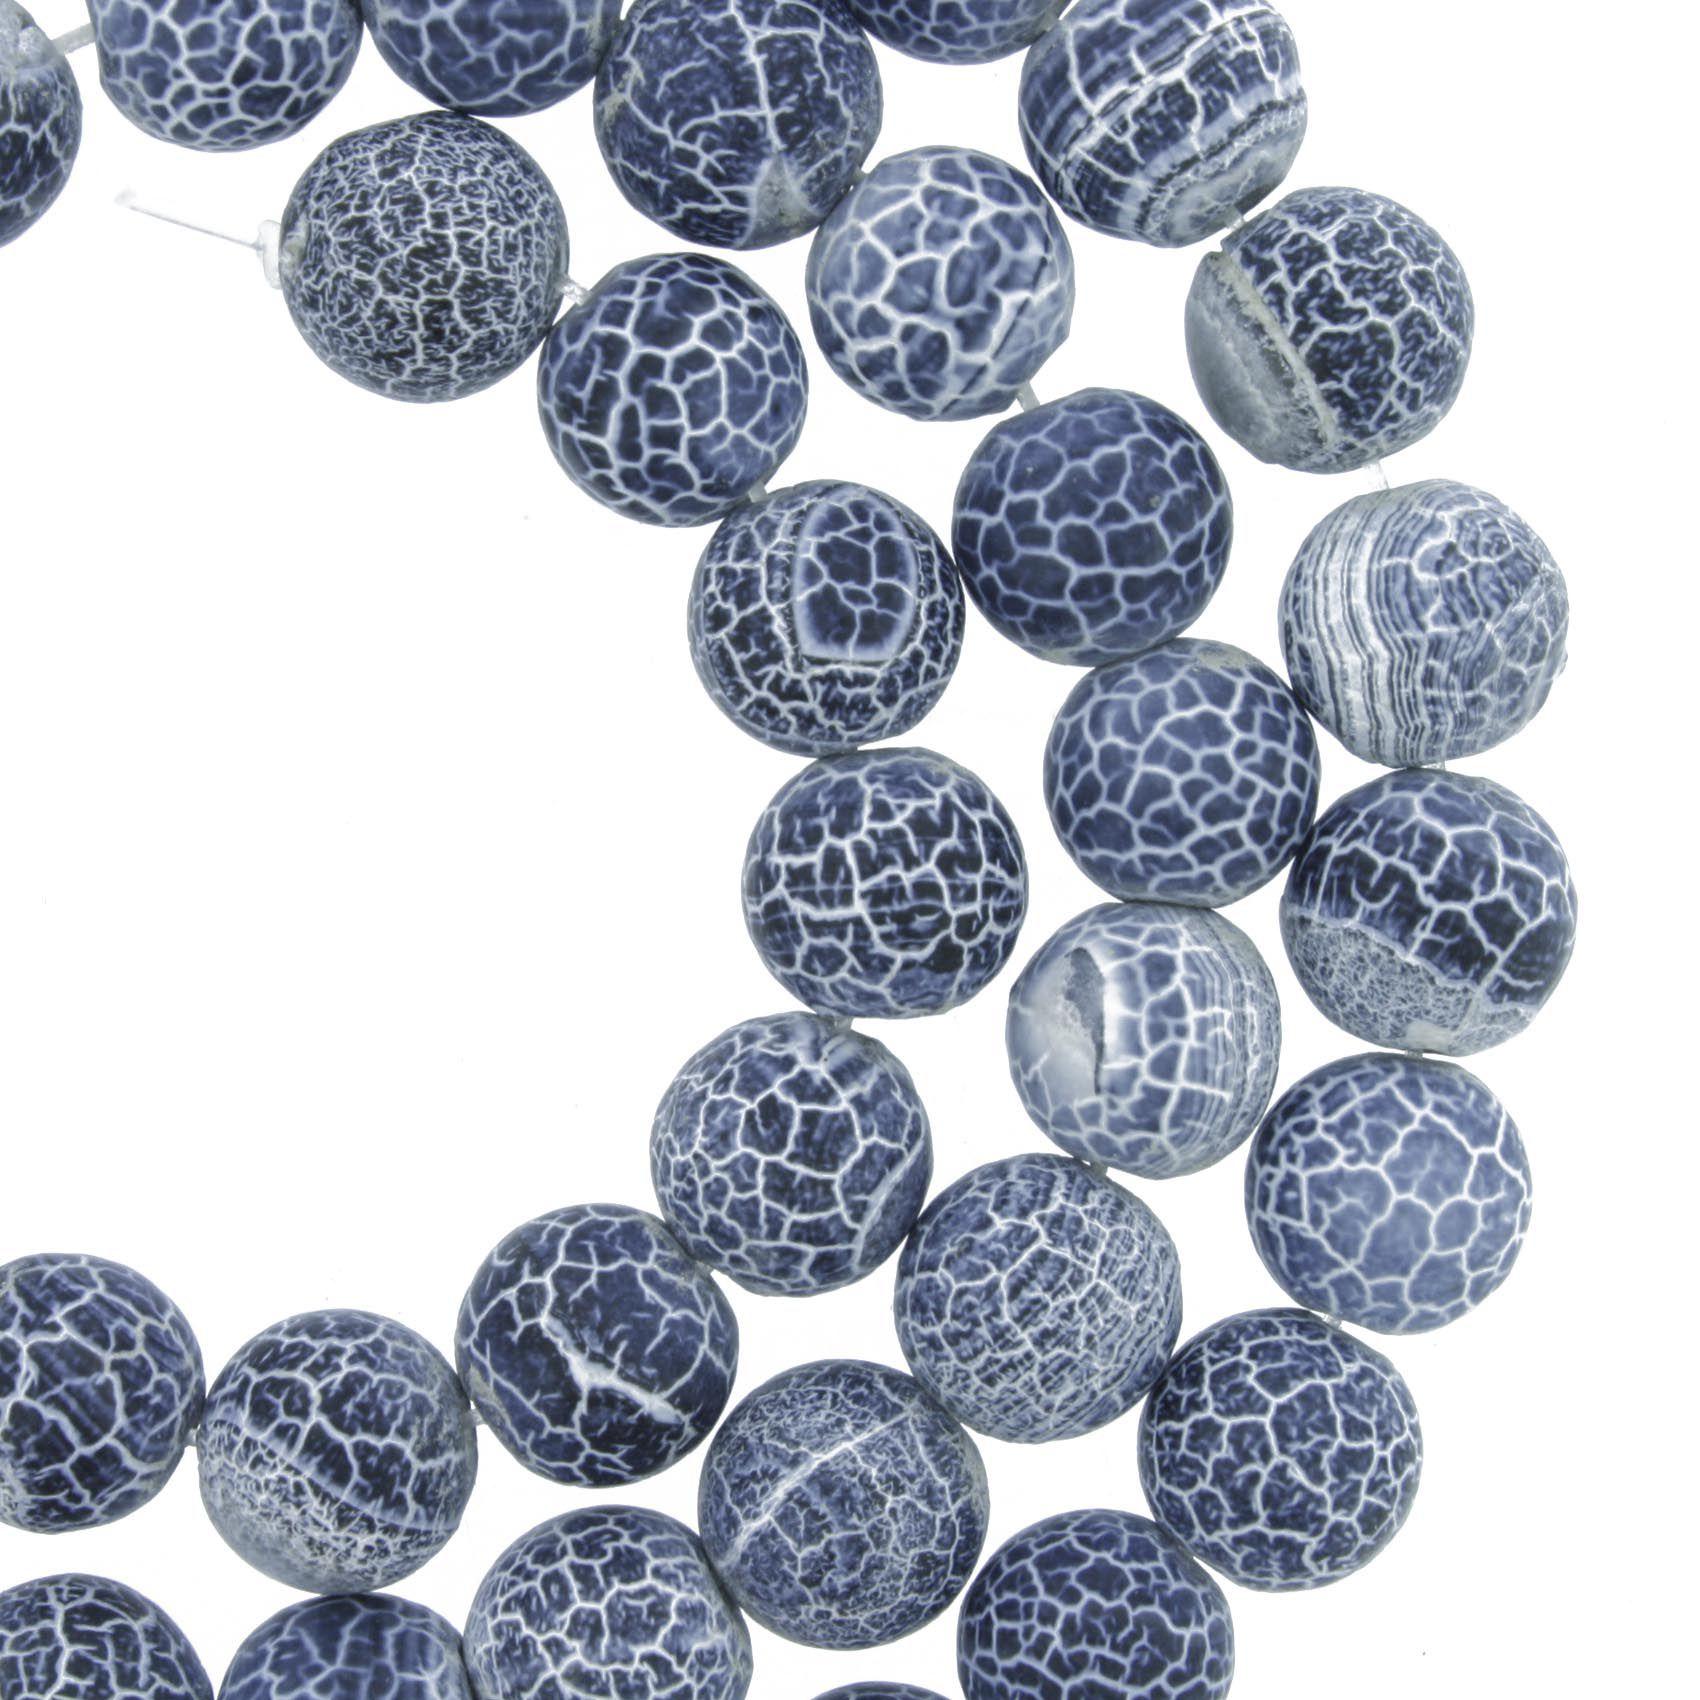 Fio de Pedra - Ágata Craquelada Azul - 8mm  - Stéphanie Bijoux® - Peças para Bijuterias e Artesanato